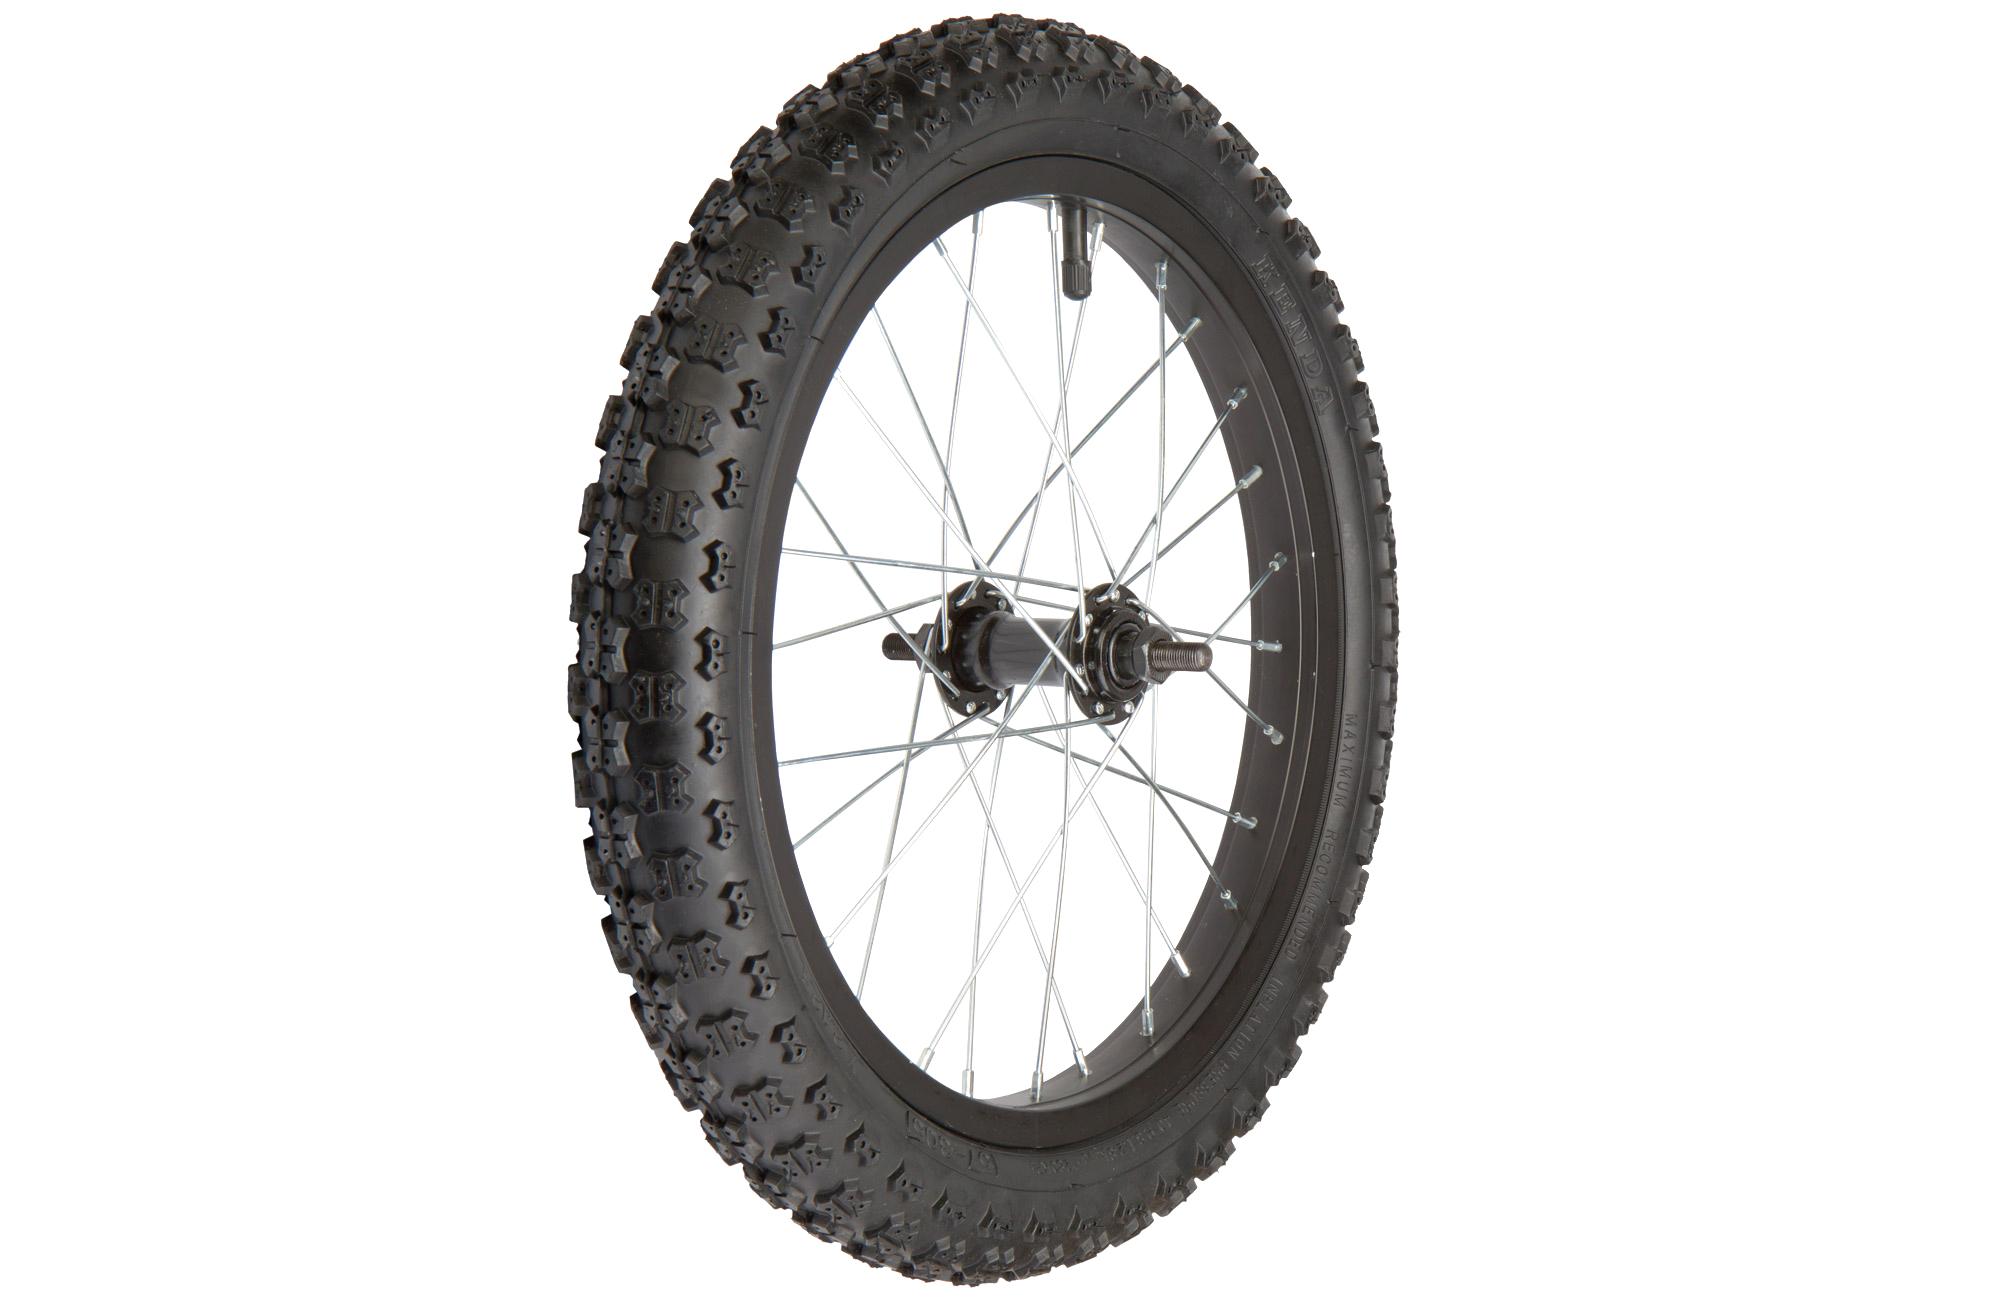 Купить Колесо 18ʺ переднее в сборе с велошиной в интернет магазине велосипедов. Выбрать велосипед. Цены, фото, отзывы